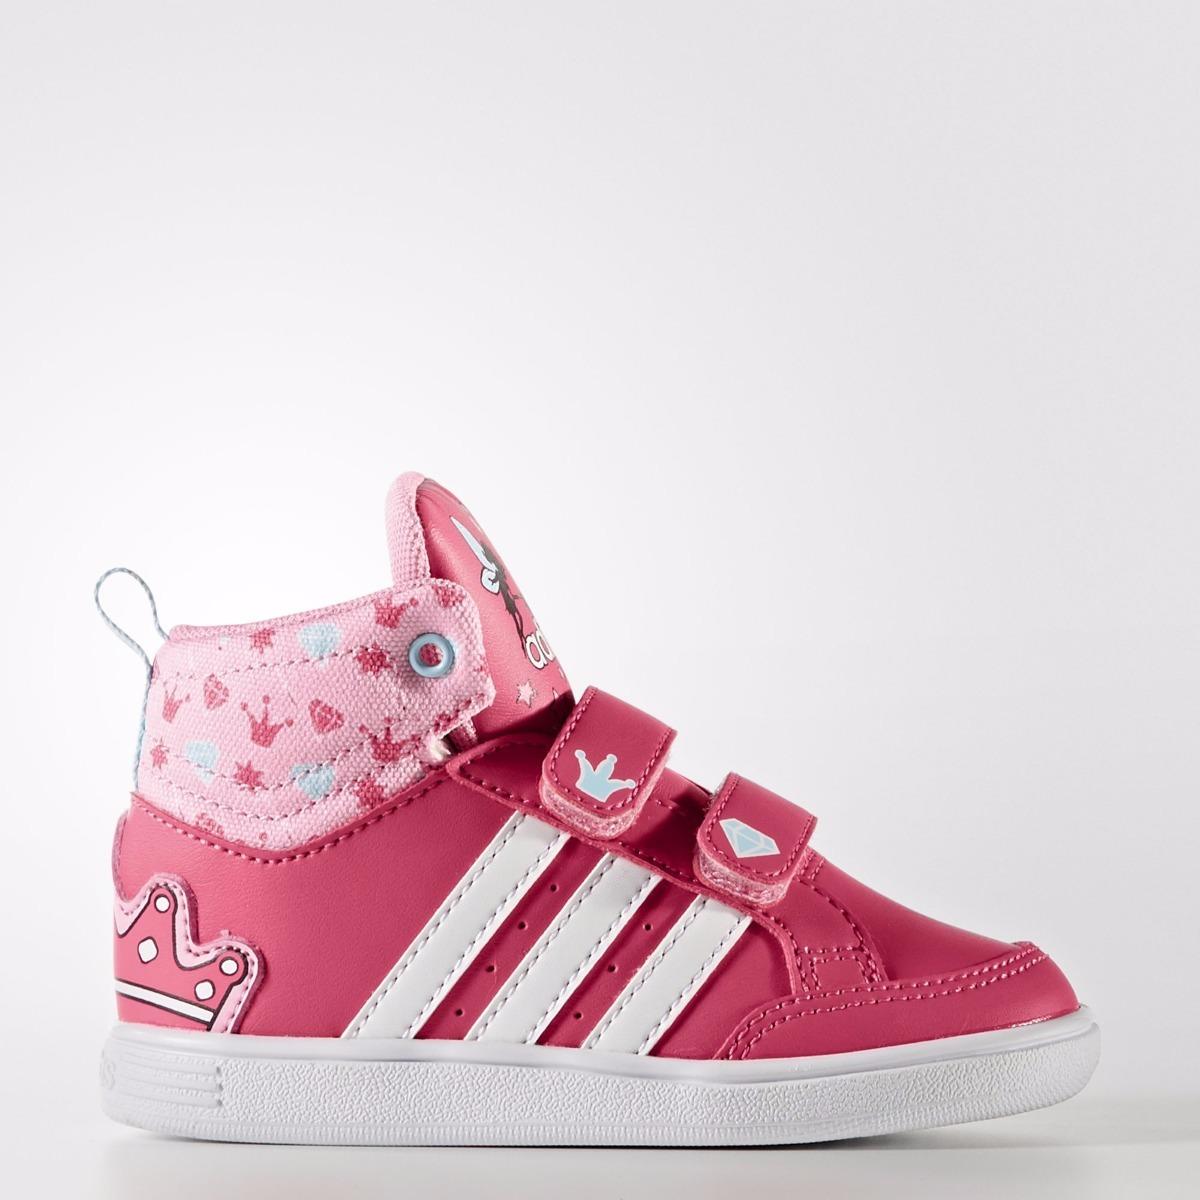 fae2c85a7 zapatillas adidas hoops cmf mid bebe corona - sagat deportes. Cargando zoom.